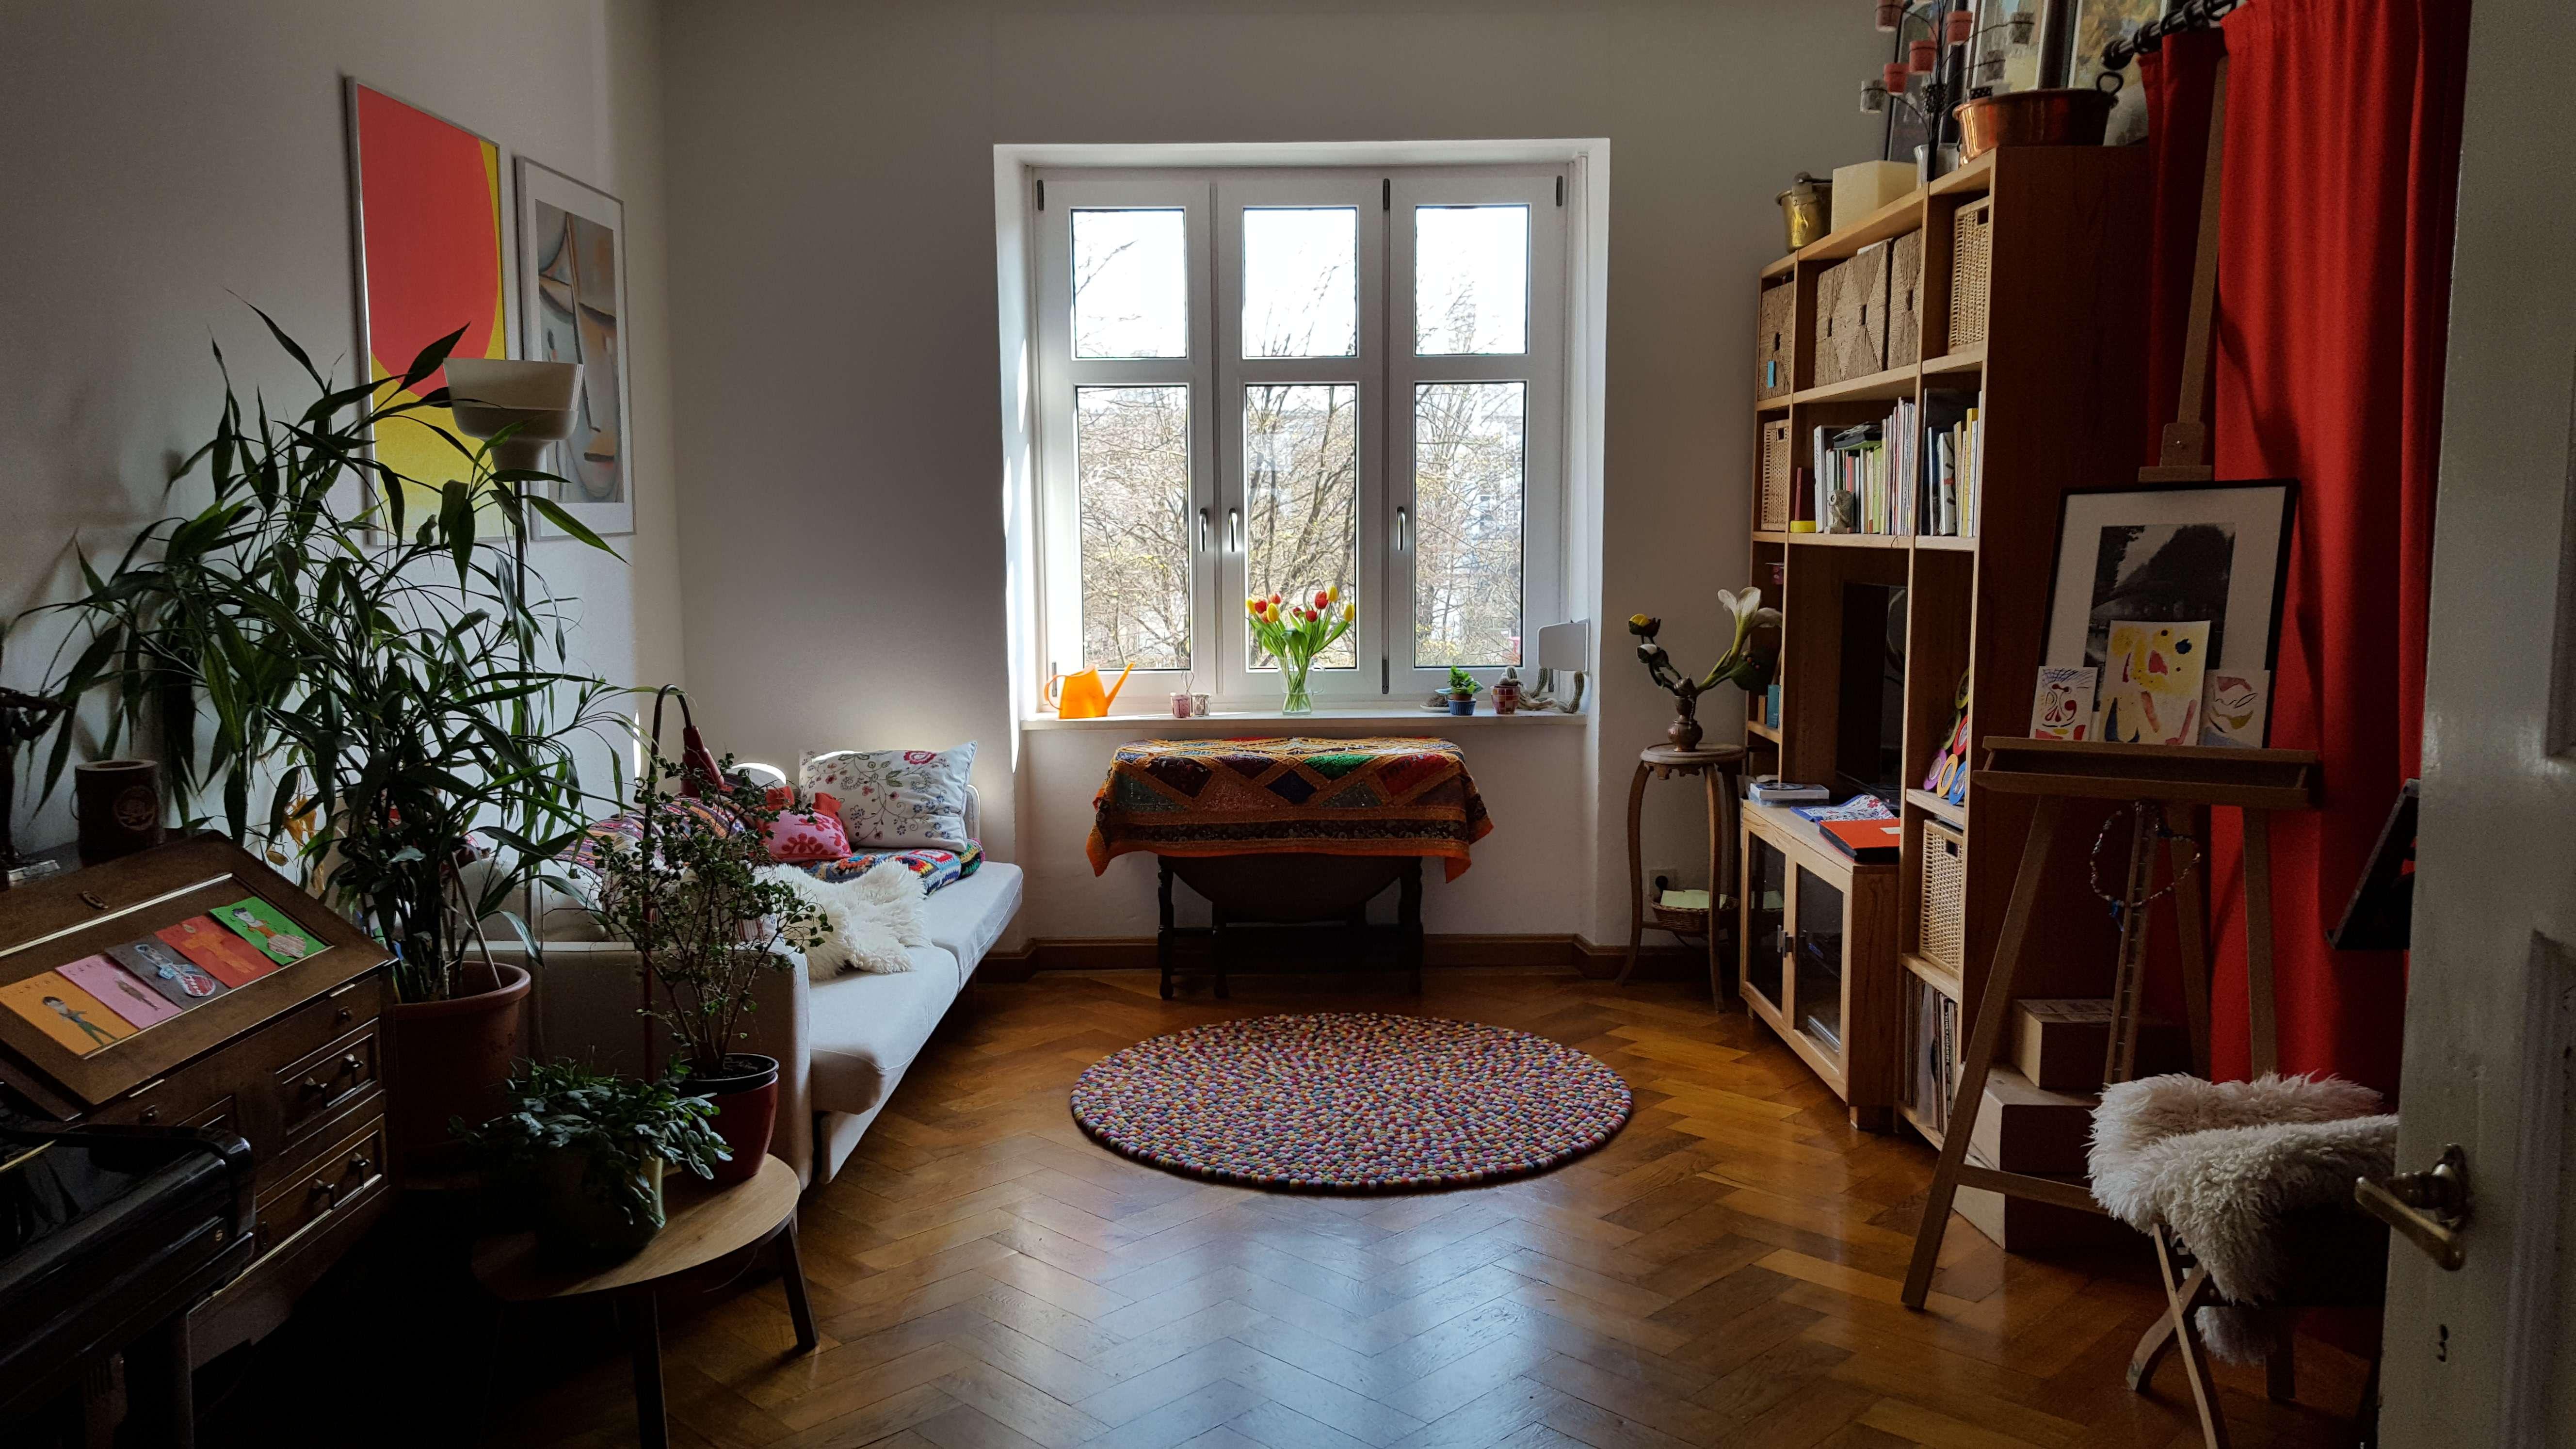 Stimmungsvolle 3-Zimmer-Altbau-Wohnung in Haidhausen, München